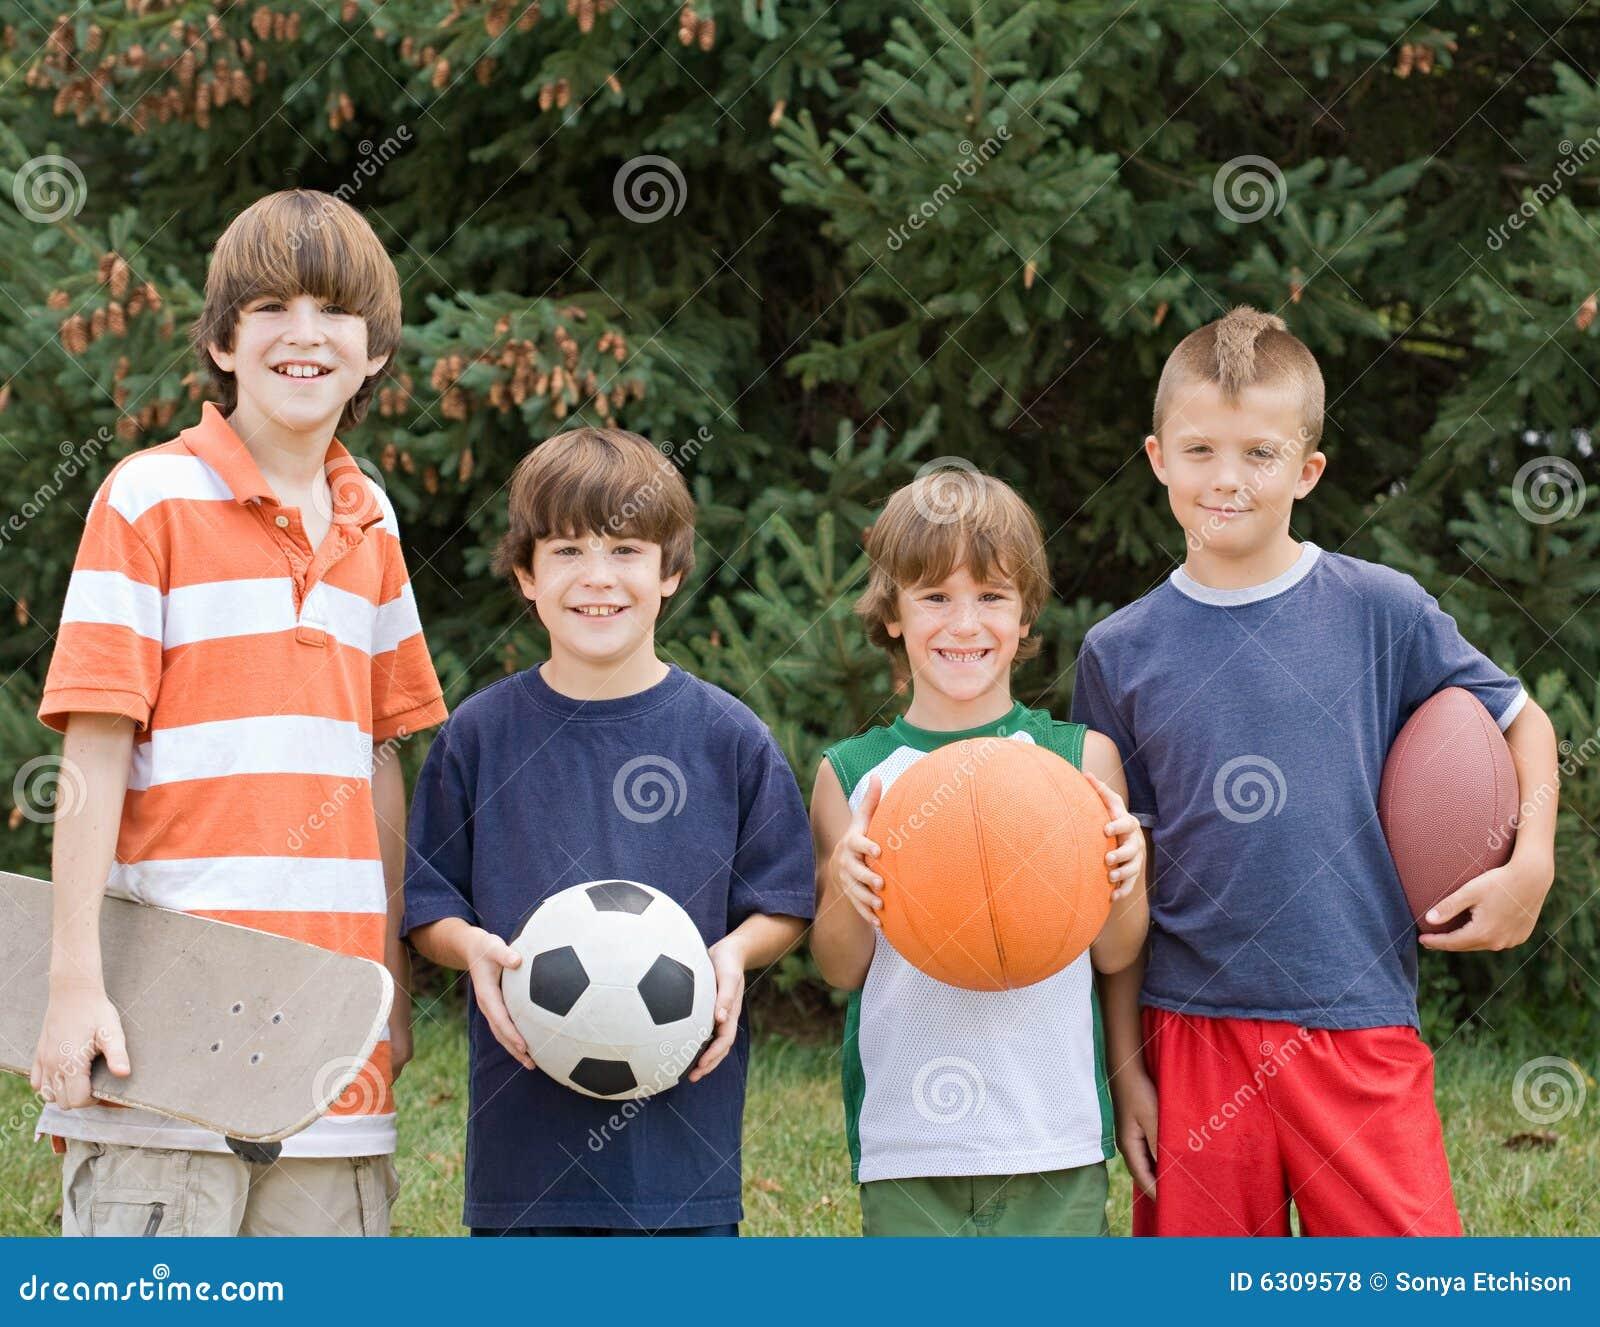 Vier unterschiedlicher Sport